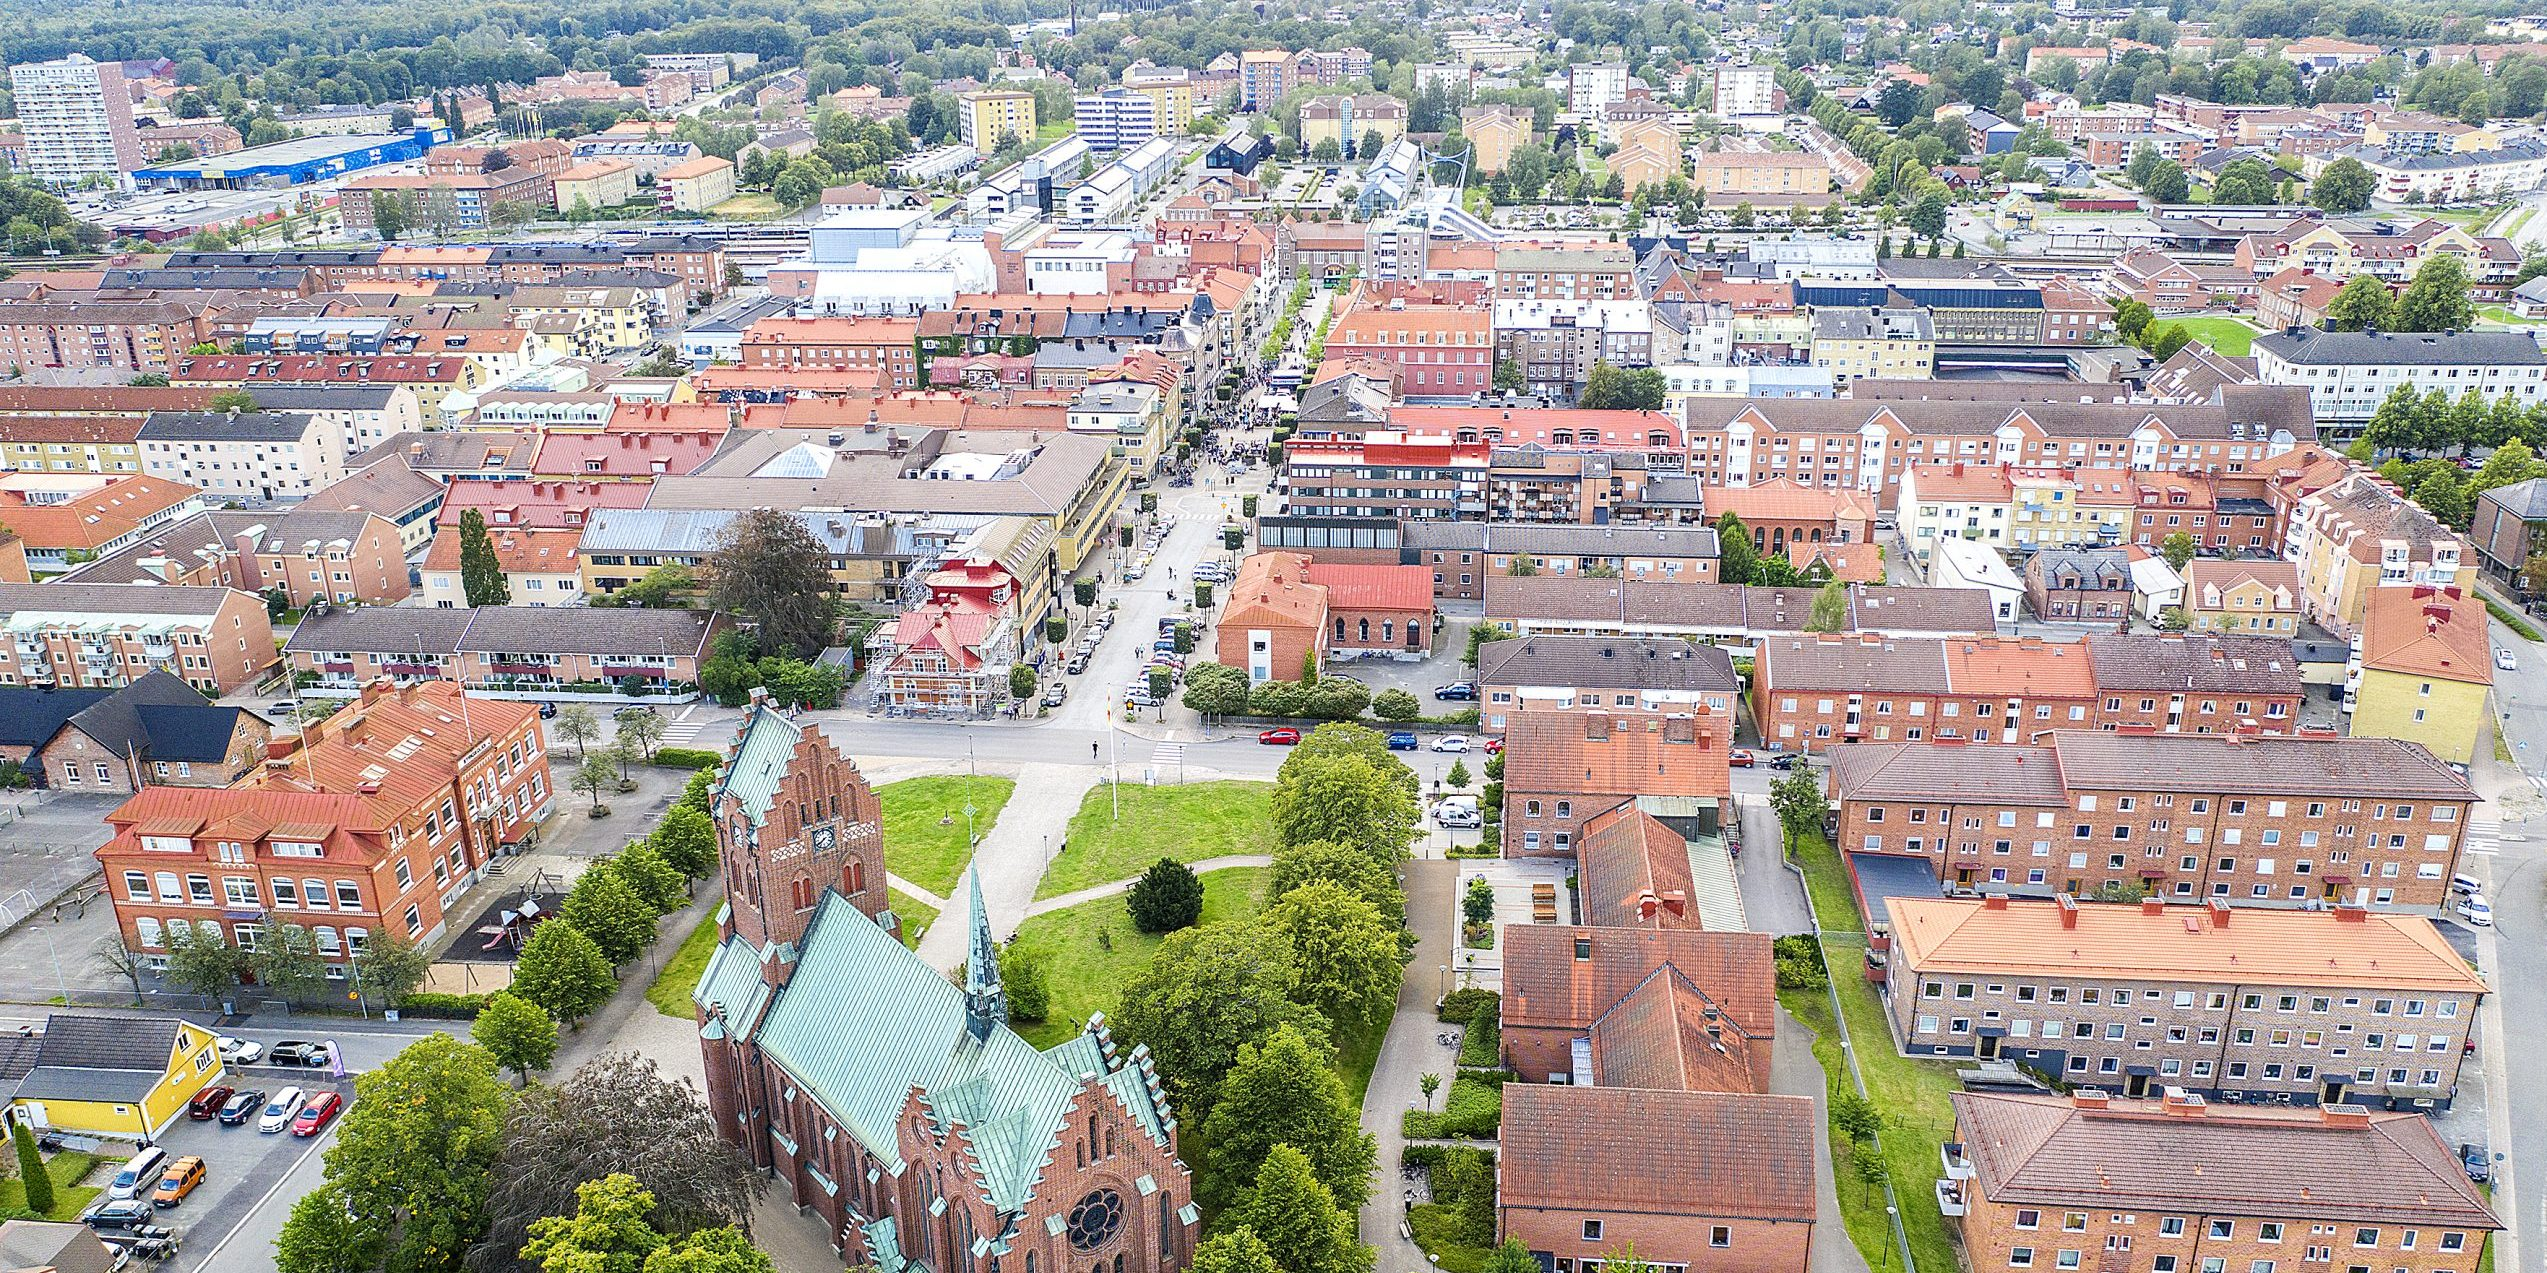 HUS, Hässleholms utveckling via samverkansmodell